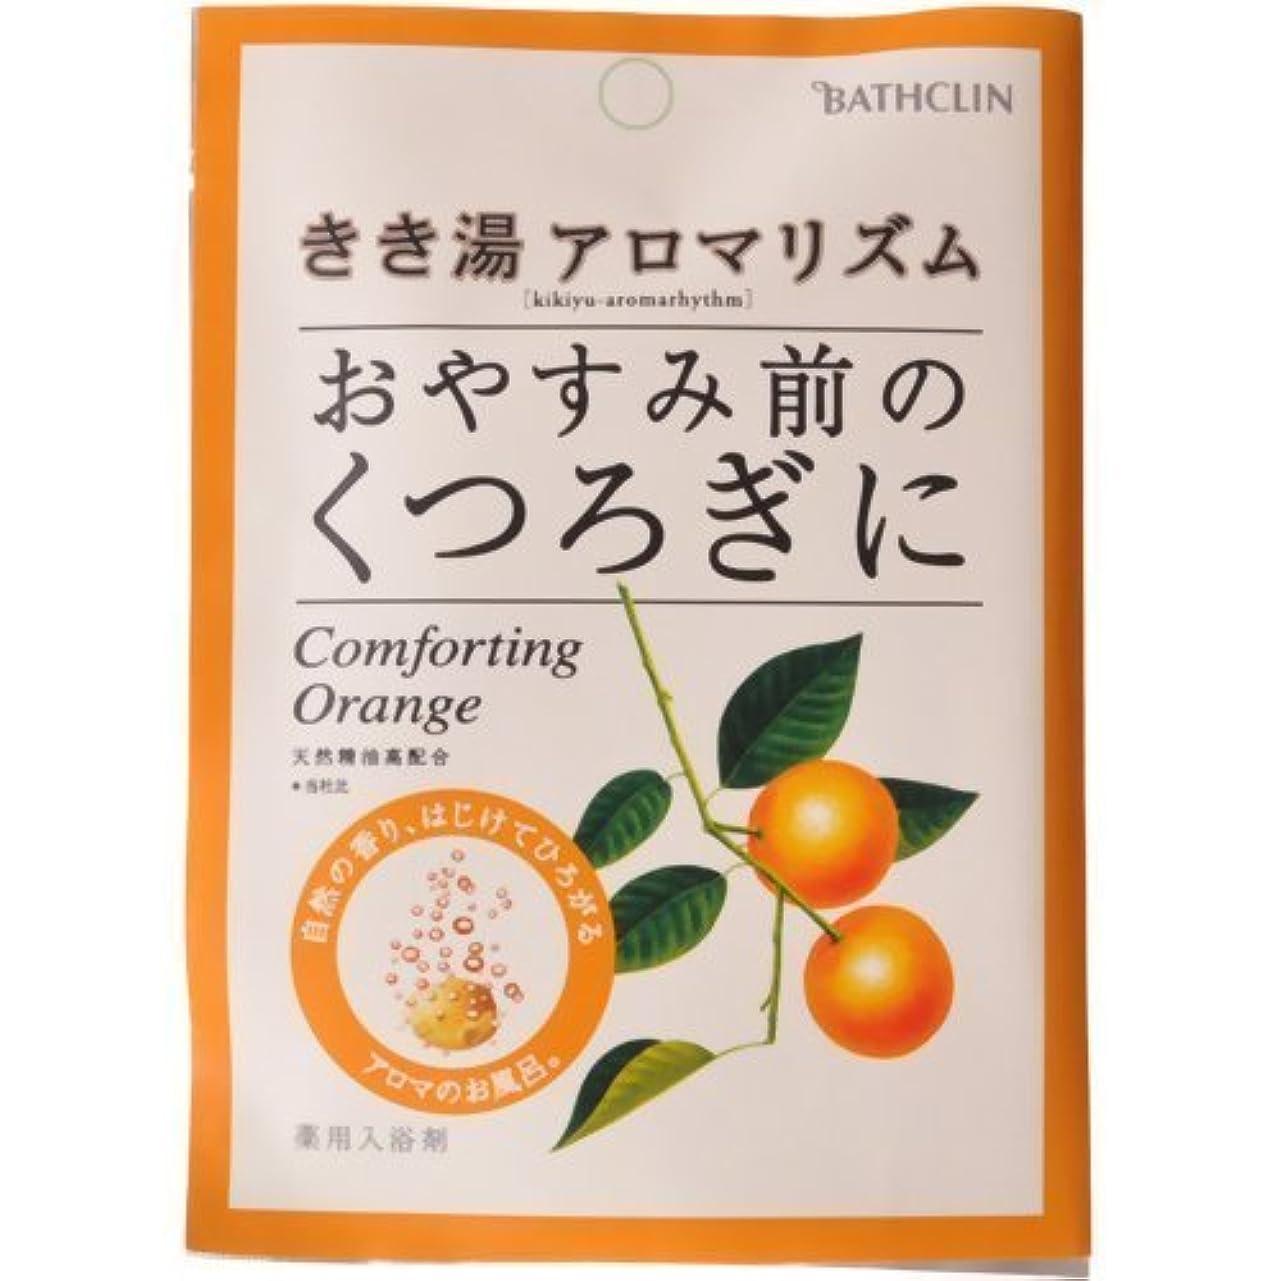 ジョージバーナードバリー不和きき湯 アロマリズム コンフォーティングの香り 30g